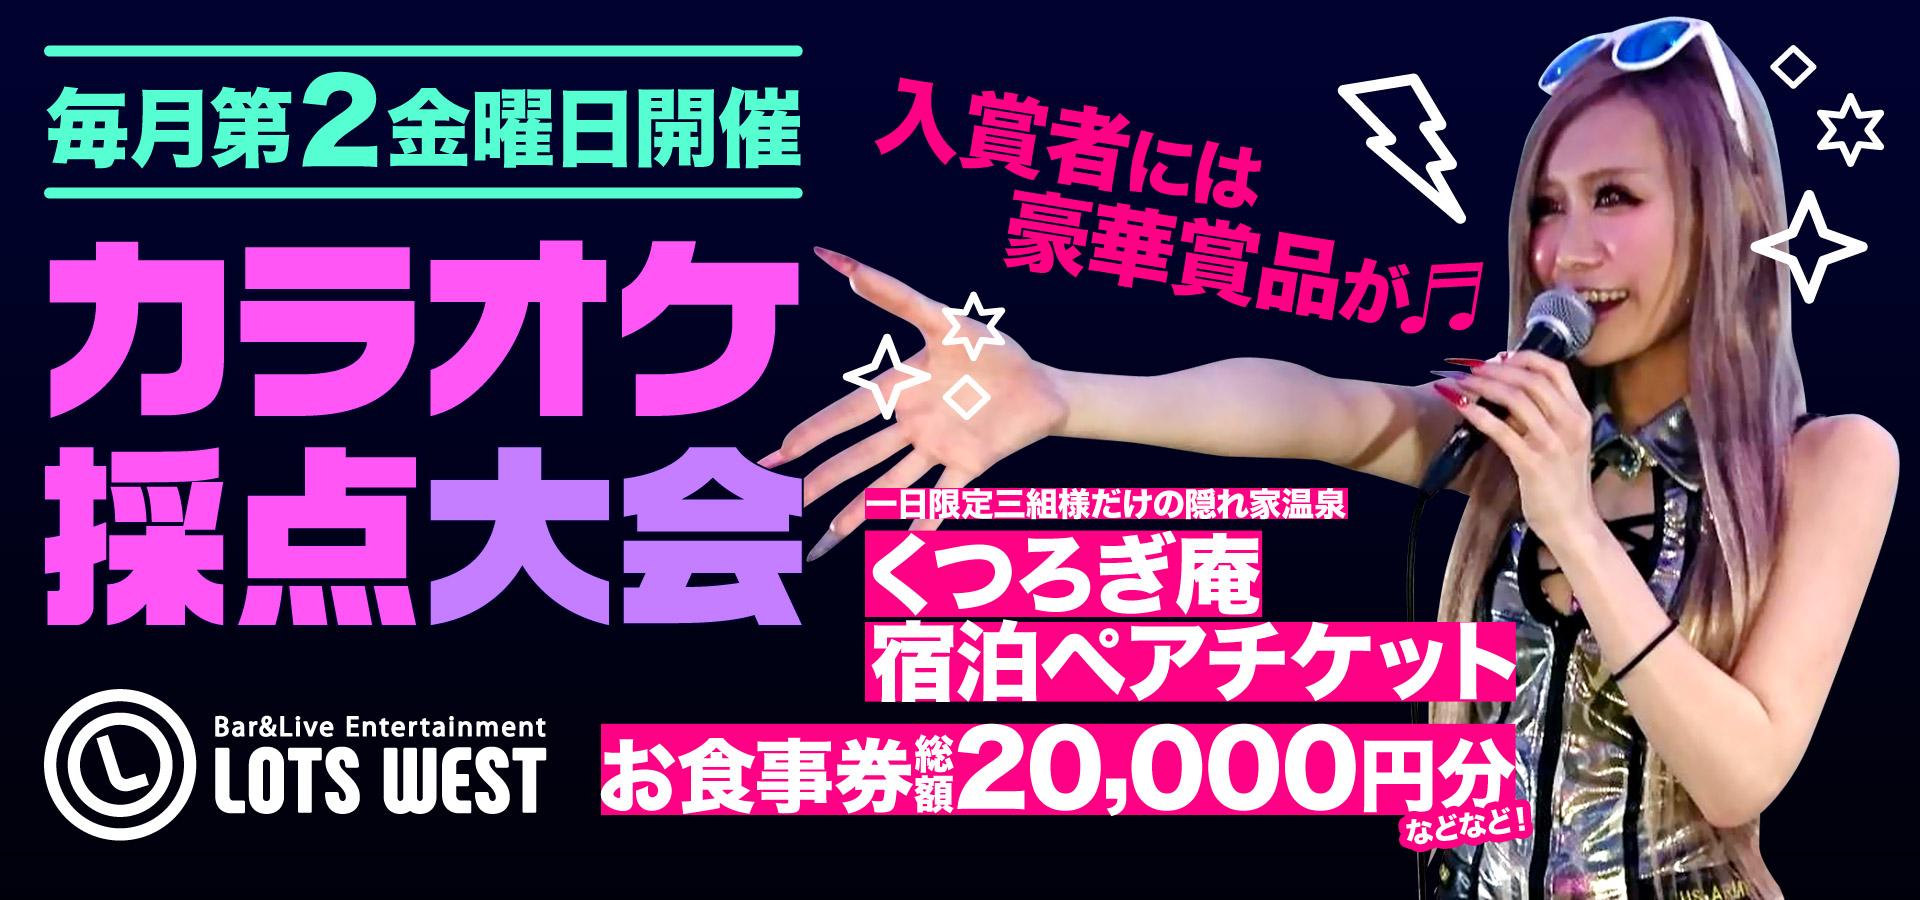 【毎月第2金曜日】カラオケ採点大会